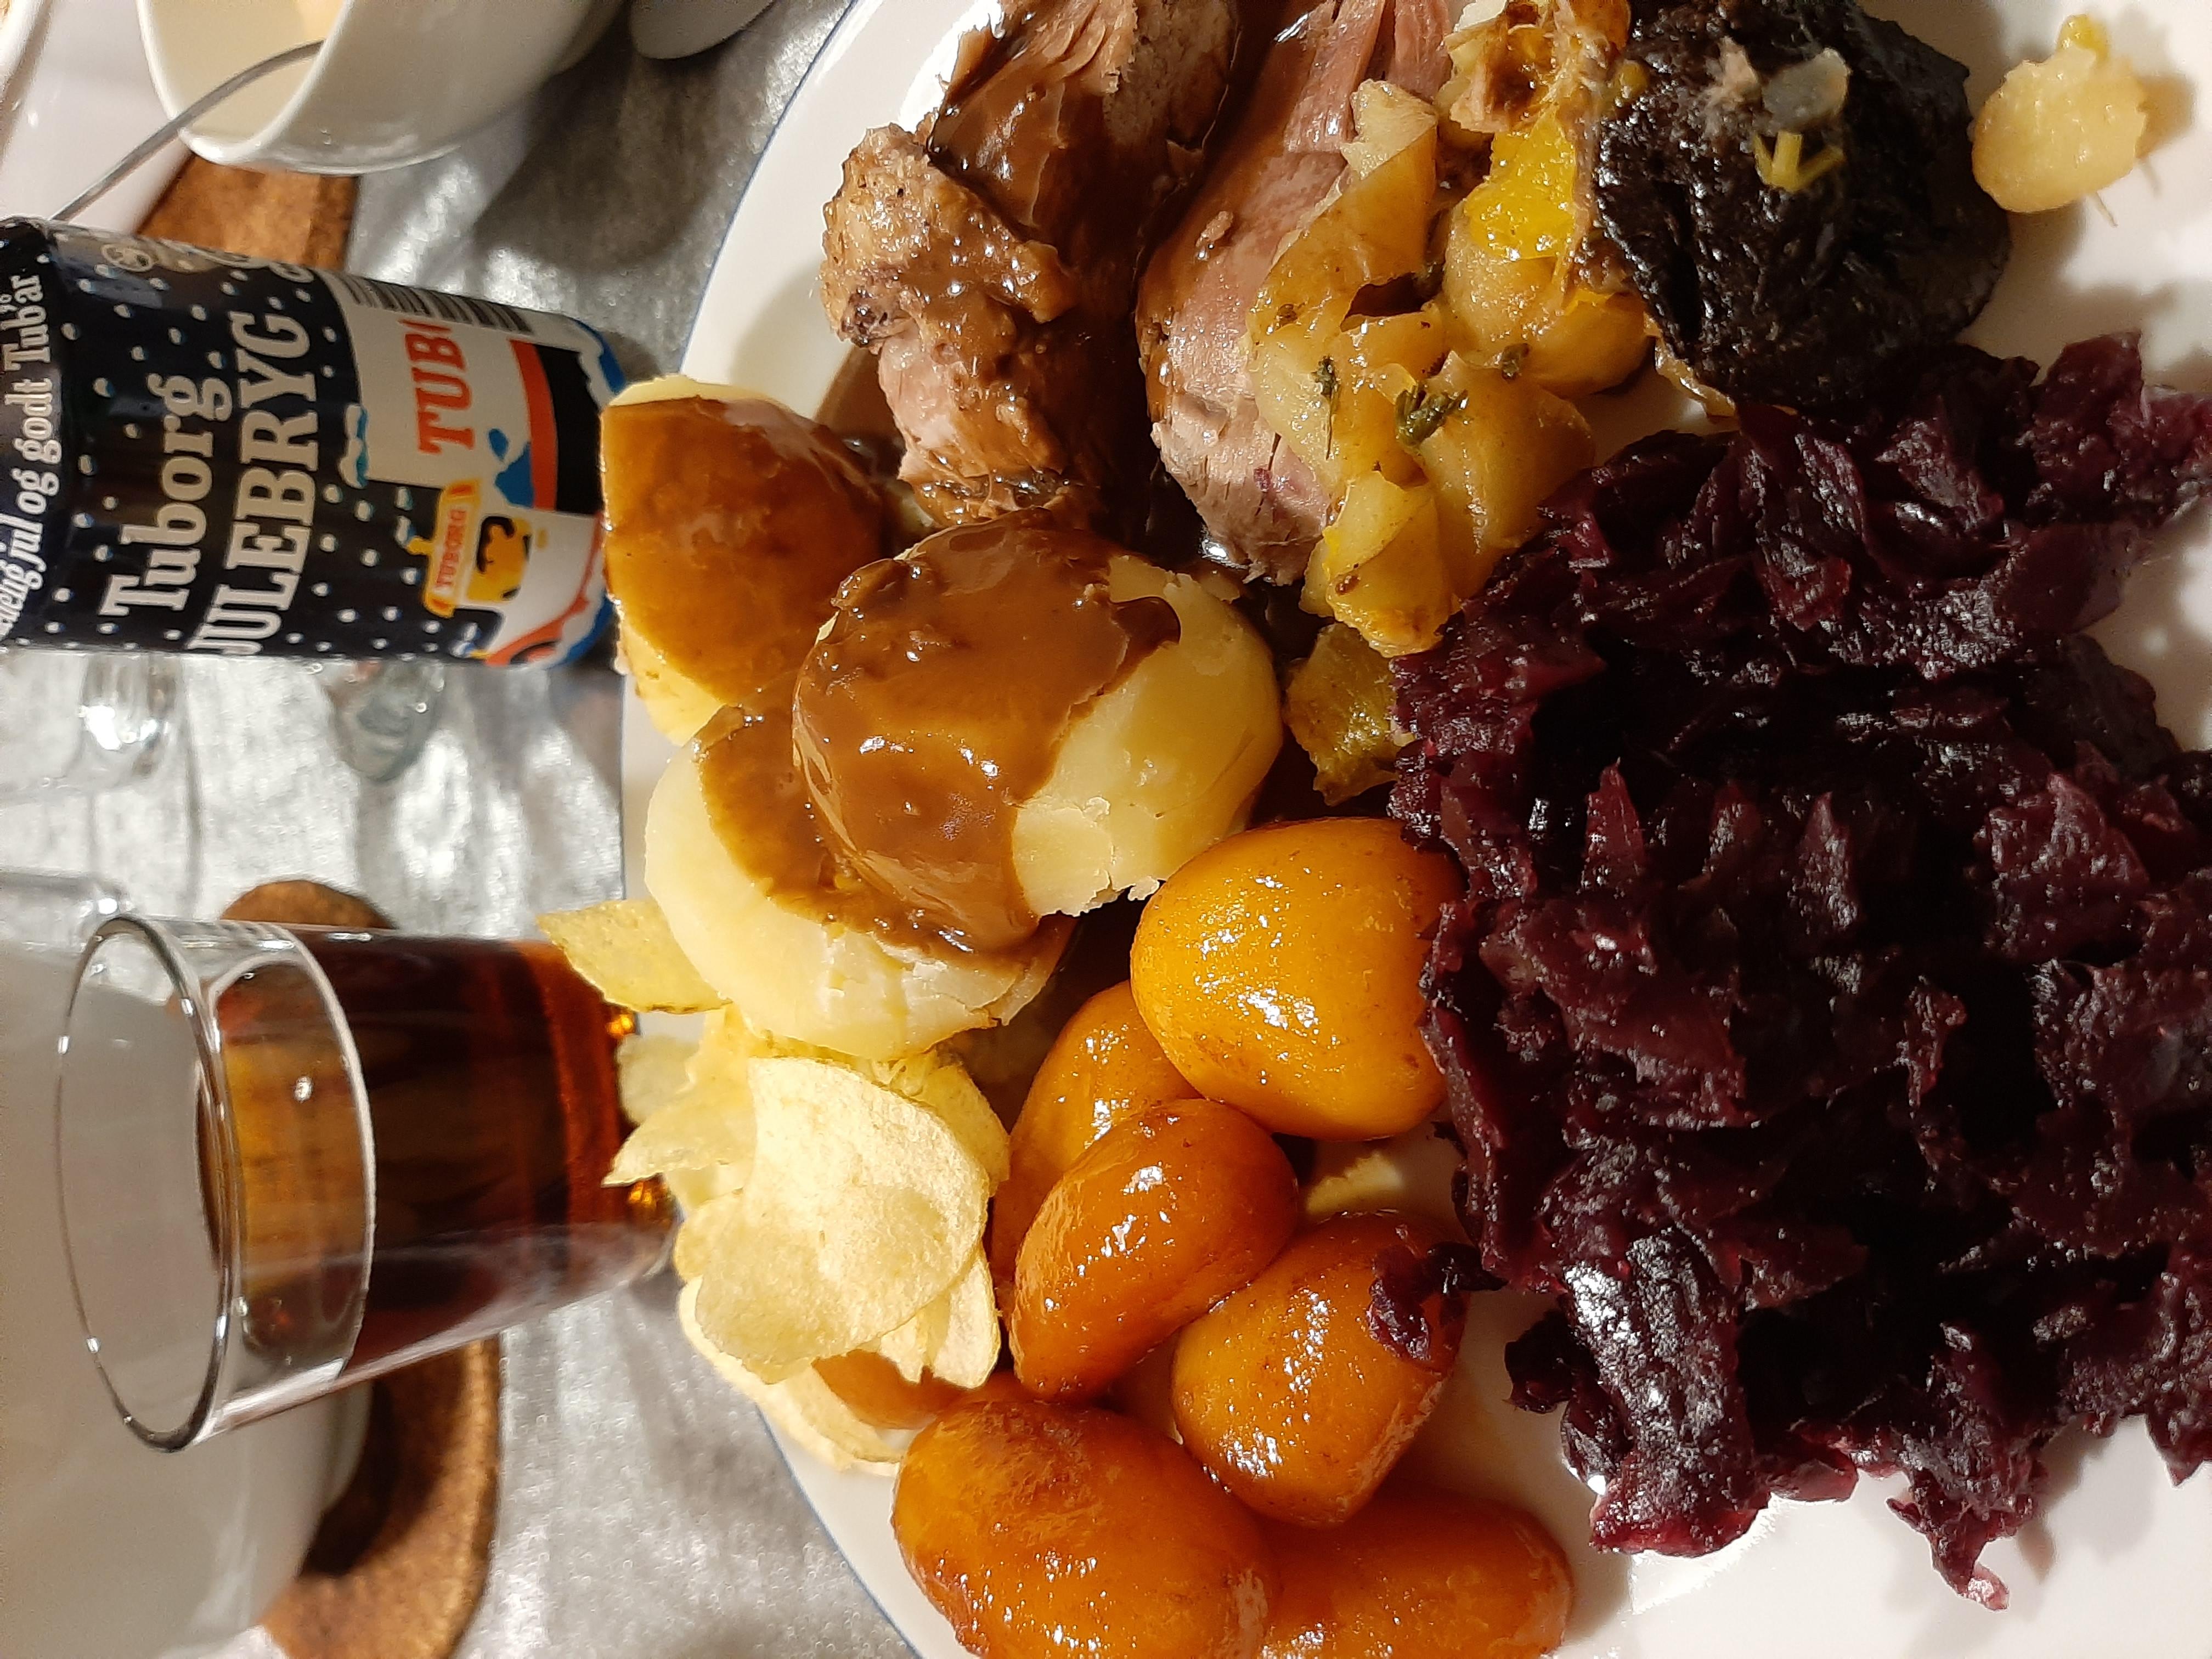 Langtidsstegt And med Svesker og Æbler, Brunkartofler, Hvide Kartoftler, Rødkål, Franske Kartofler og Andesauce